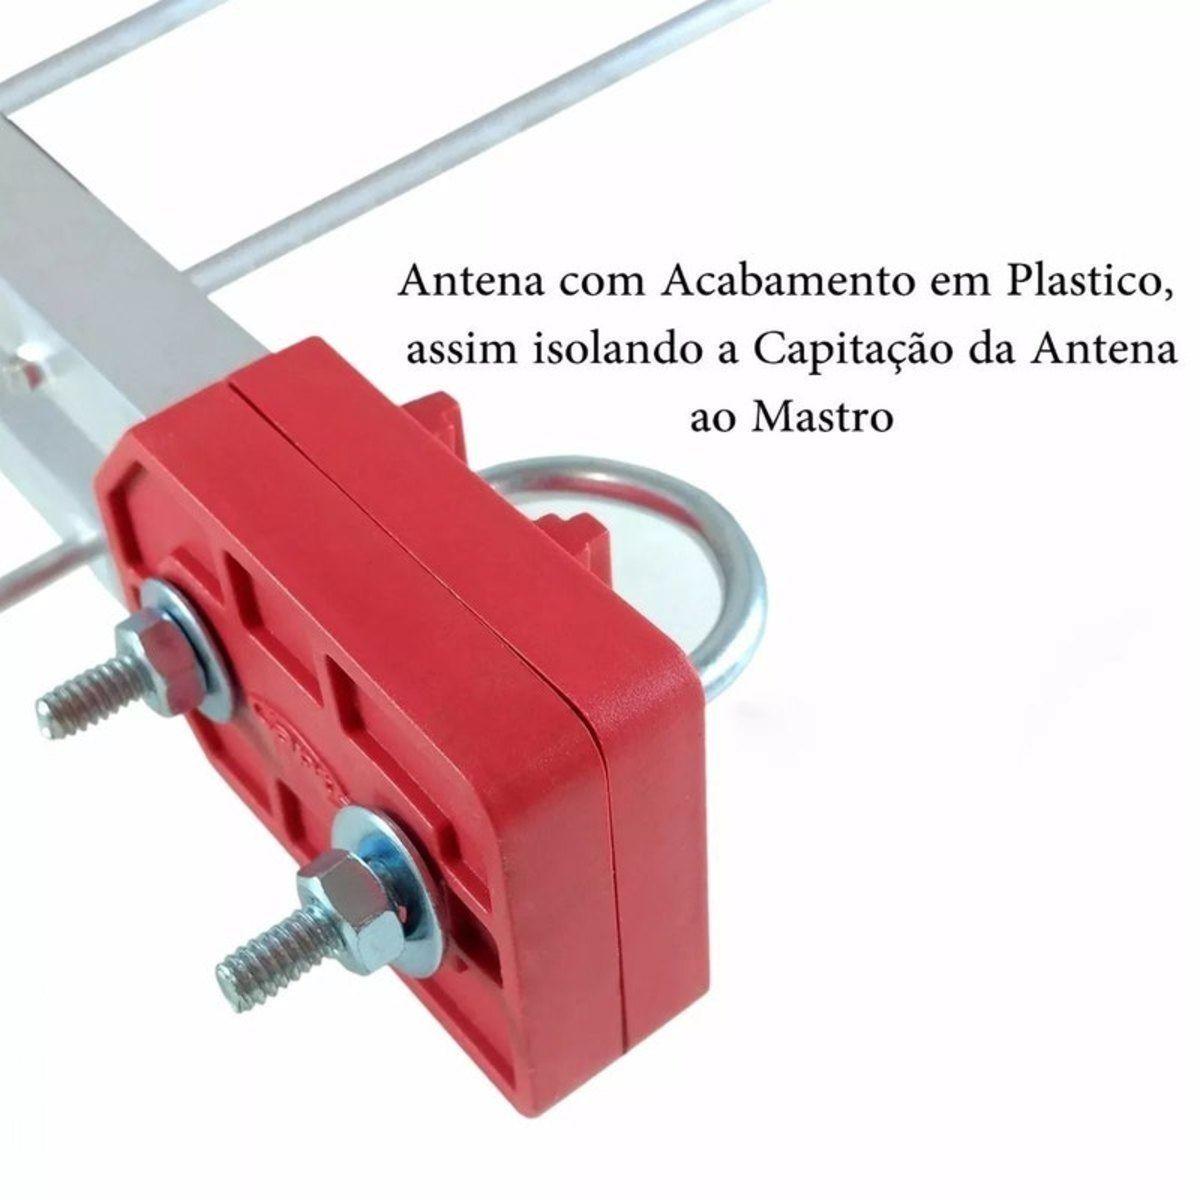 Kit Antena Digital 4K Log 20 com Mastro 45 cm e Cabo coaxial Capte 12 mts -